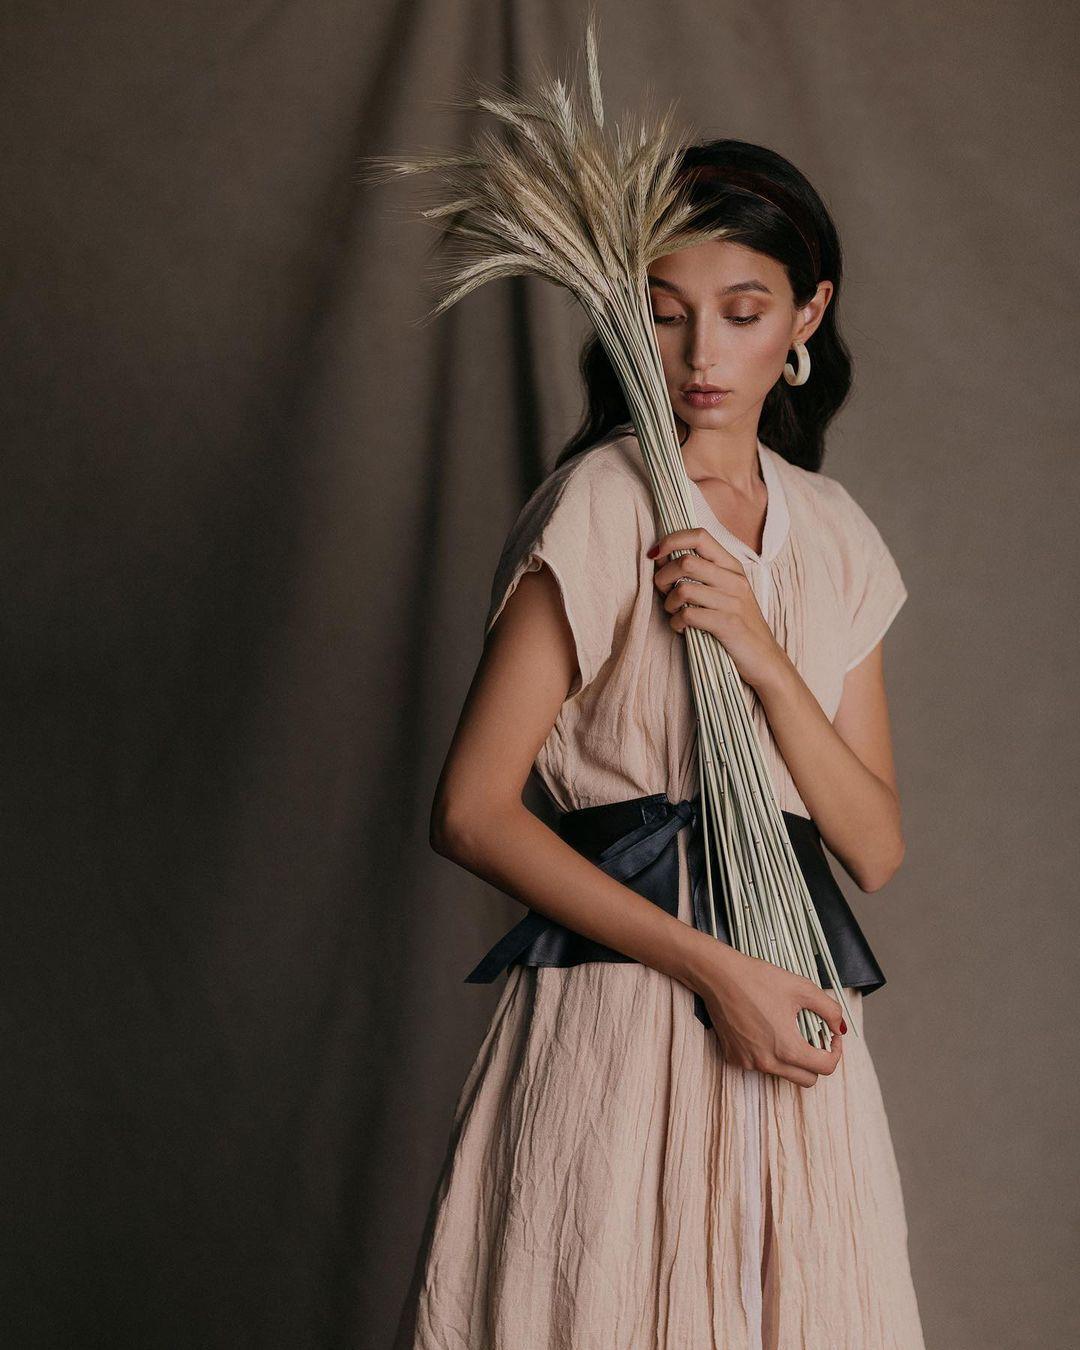 Эвелина Мамбетова прославилась в мире как лицо именитых мировых брендов